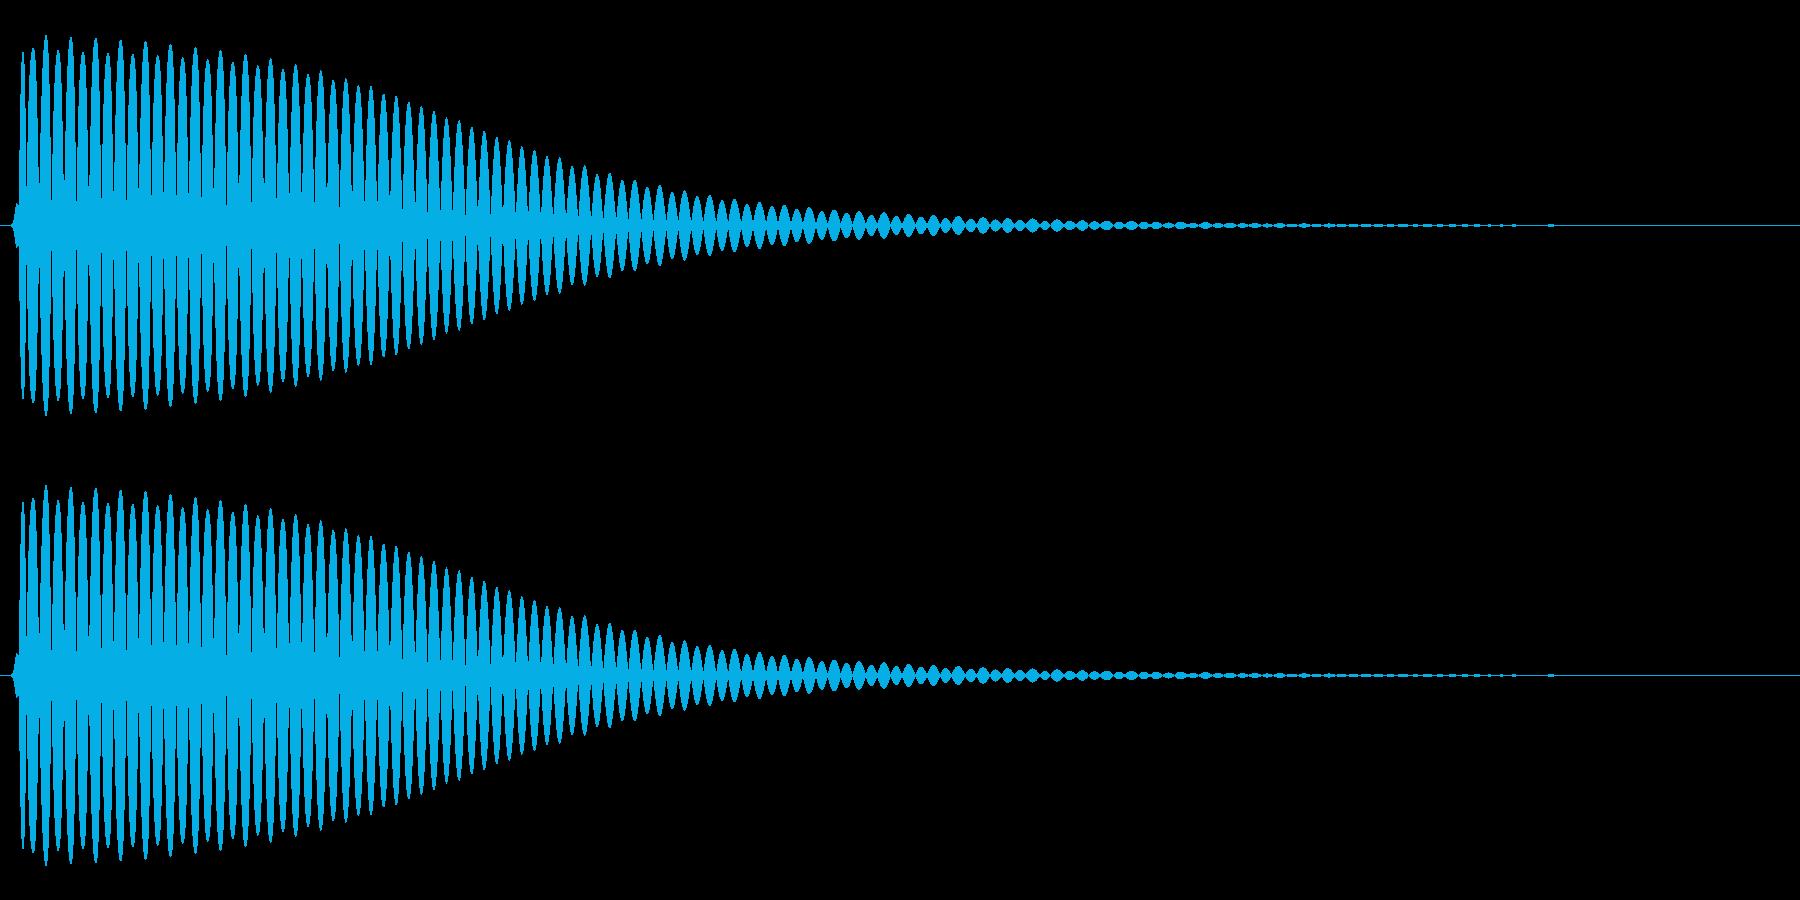 Com ファミコンなどのコマンド音 5の再生済みの波形